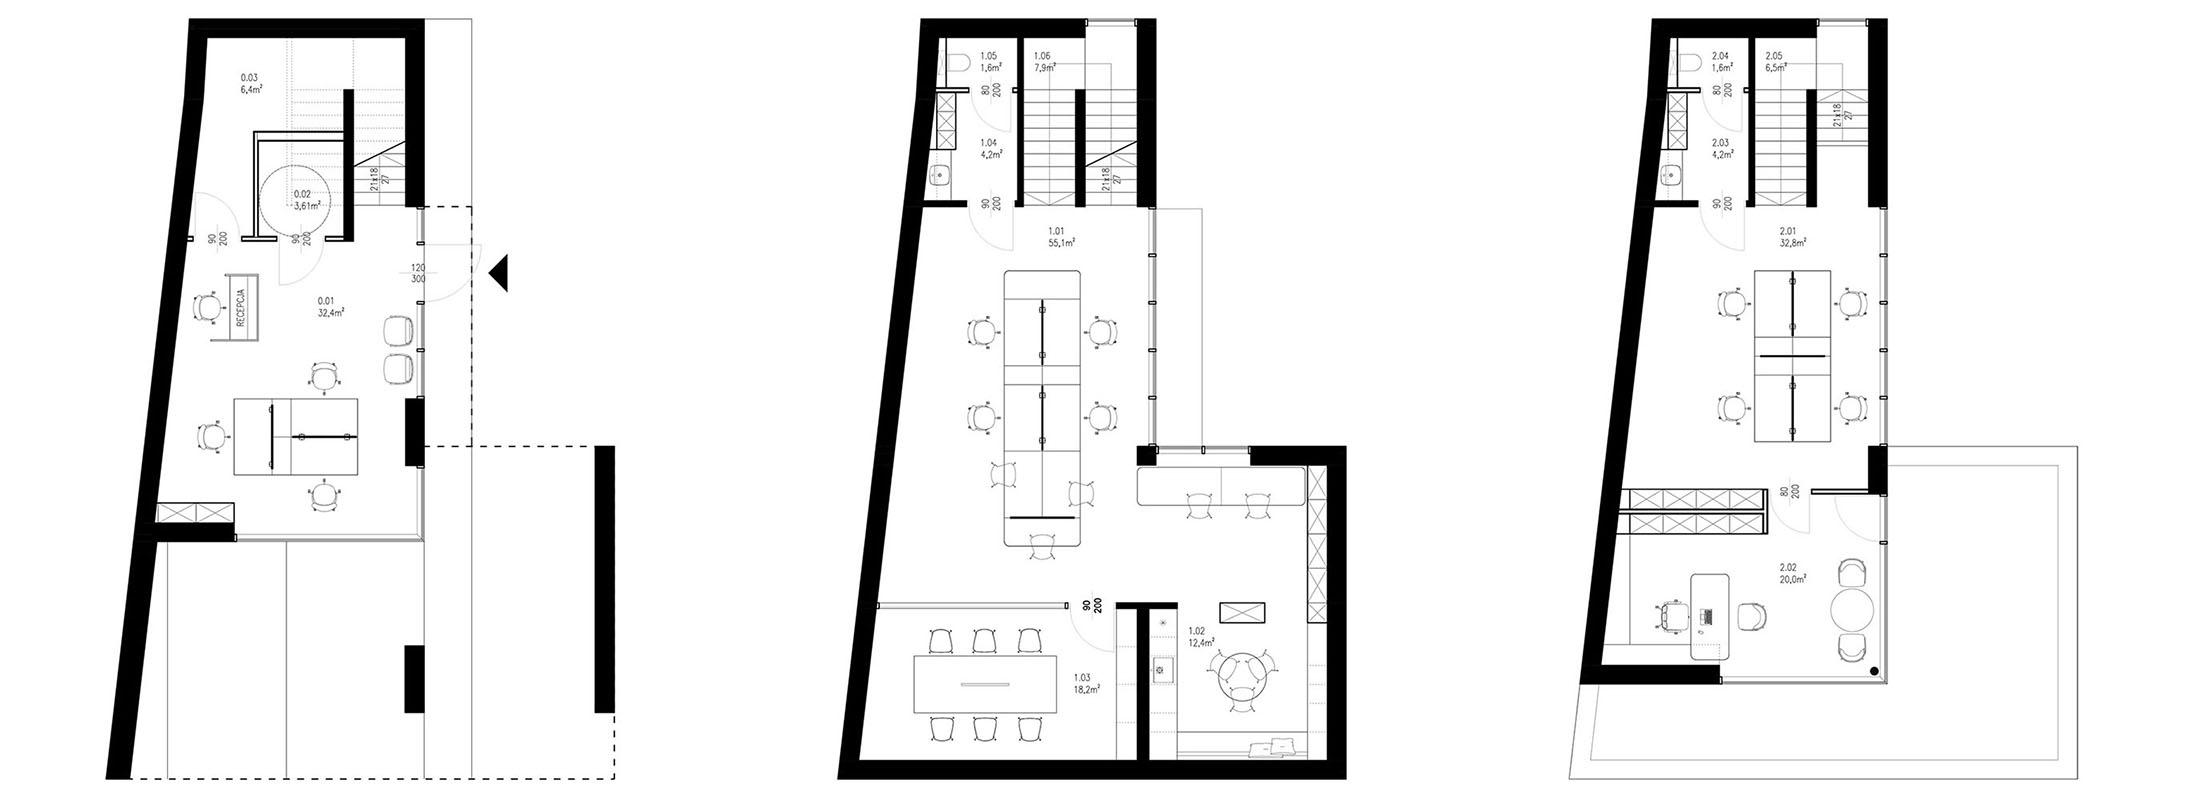 Budynek Biurowy OPG 43 8